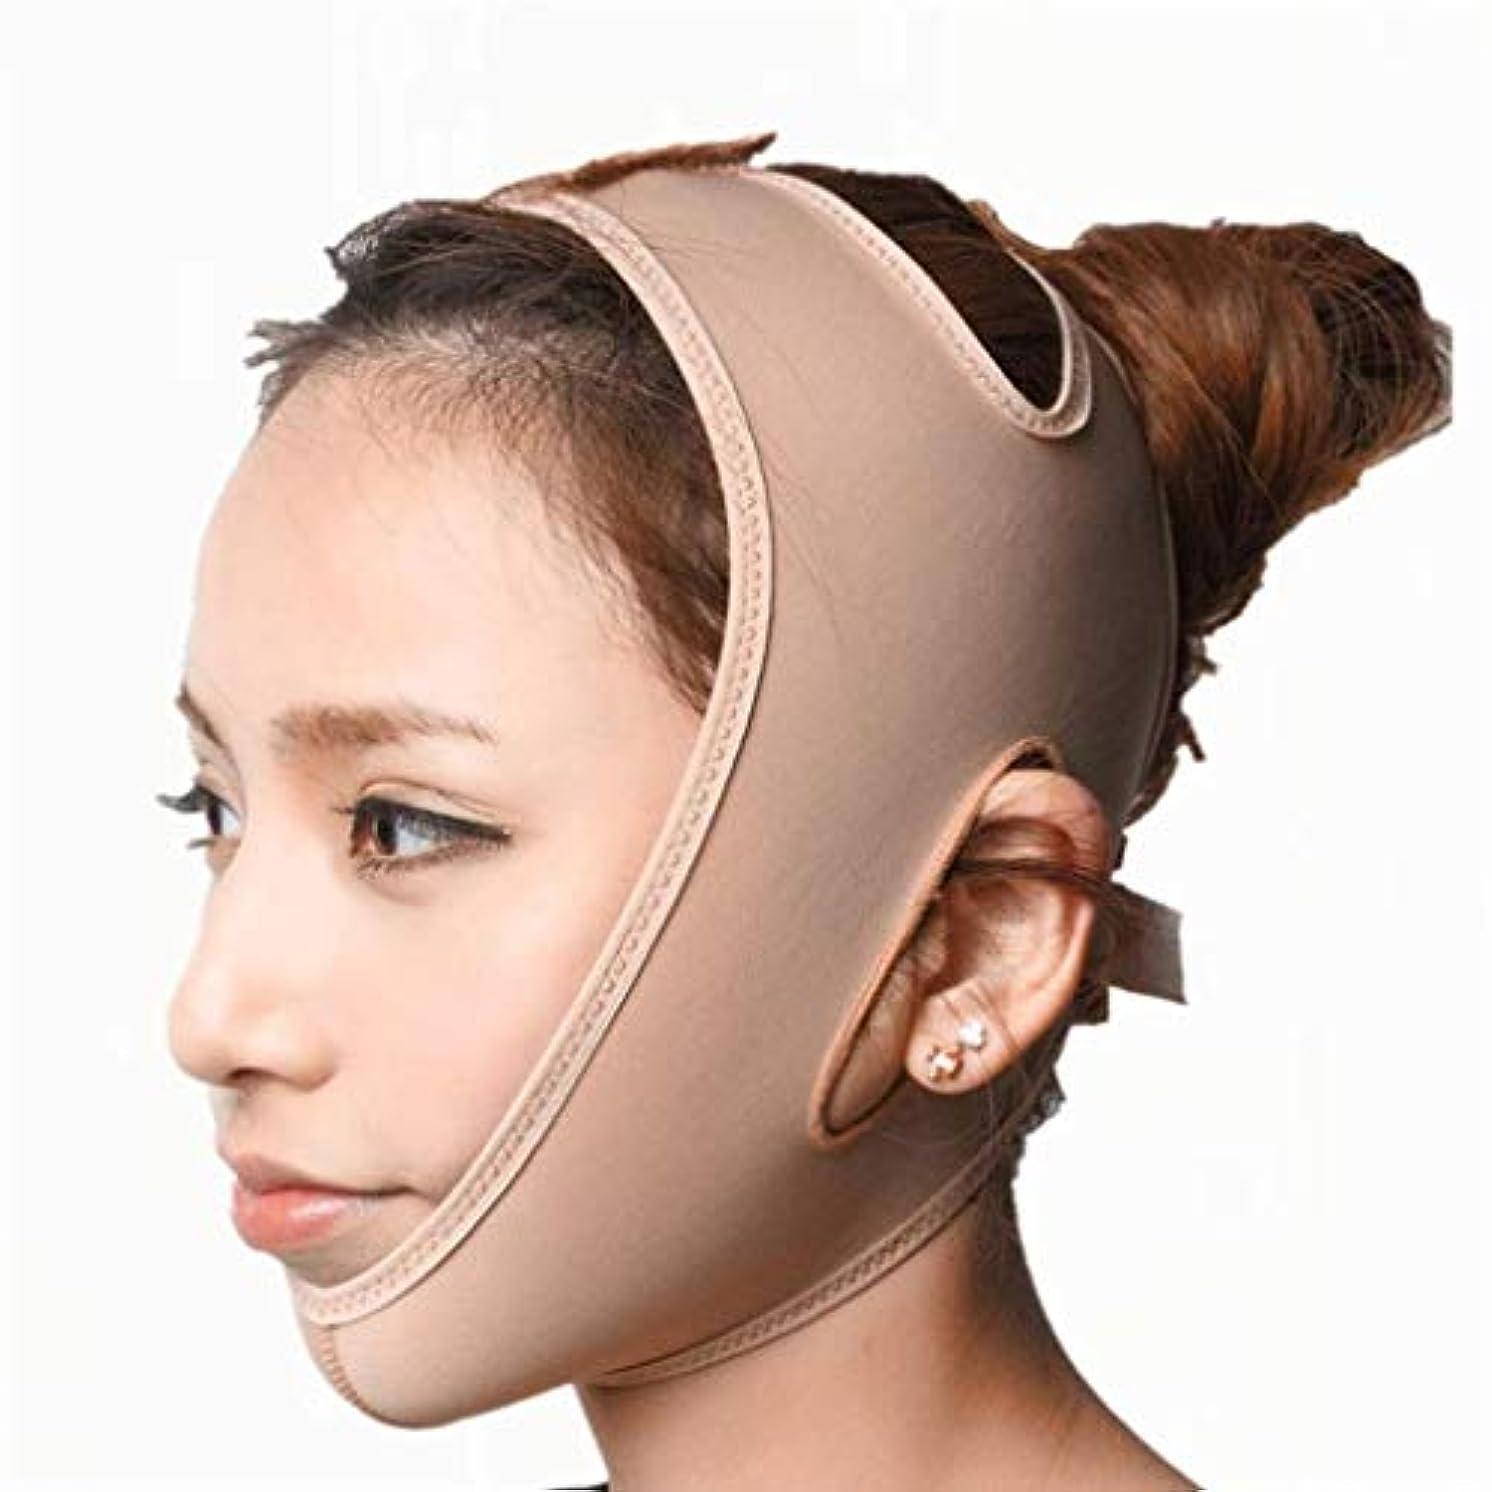 輪郭信号論争フェイスリフティング痩身Vフェイスマスクフルカバレッジ包帯減らす顔の二重あごケア減量美容ベルト通気性